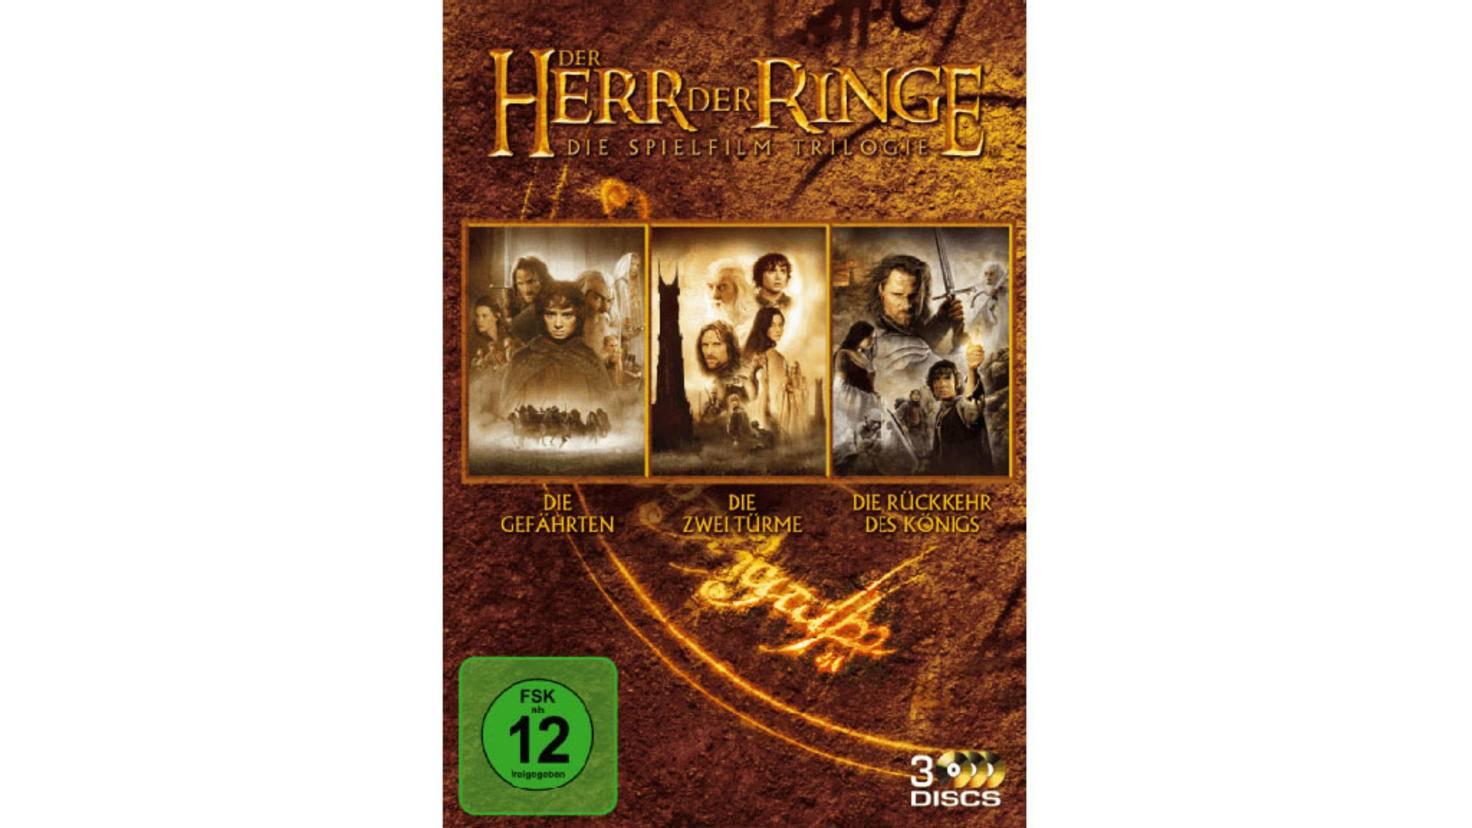 Herr Der Ringe Special Extended Edition Länge